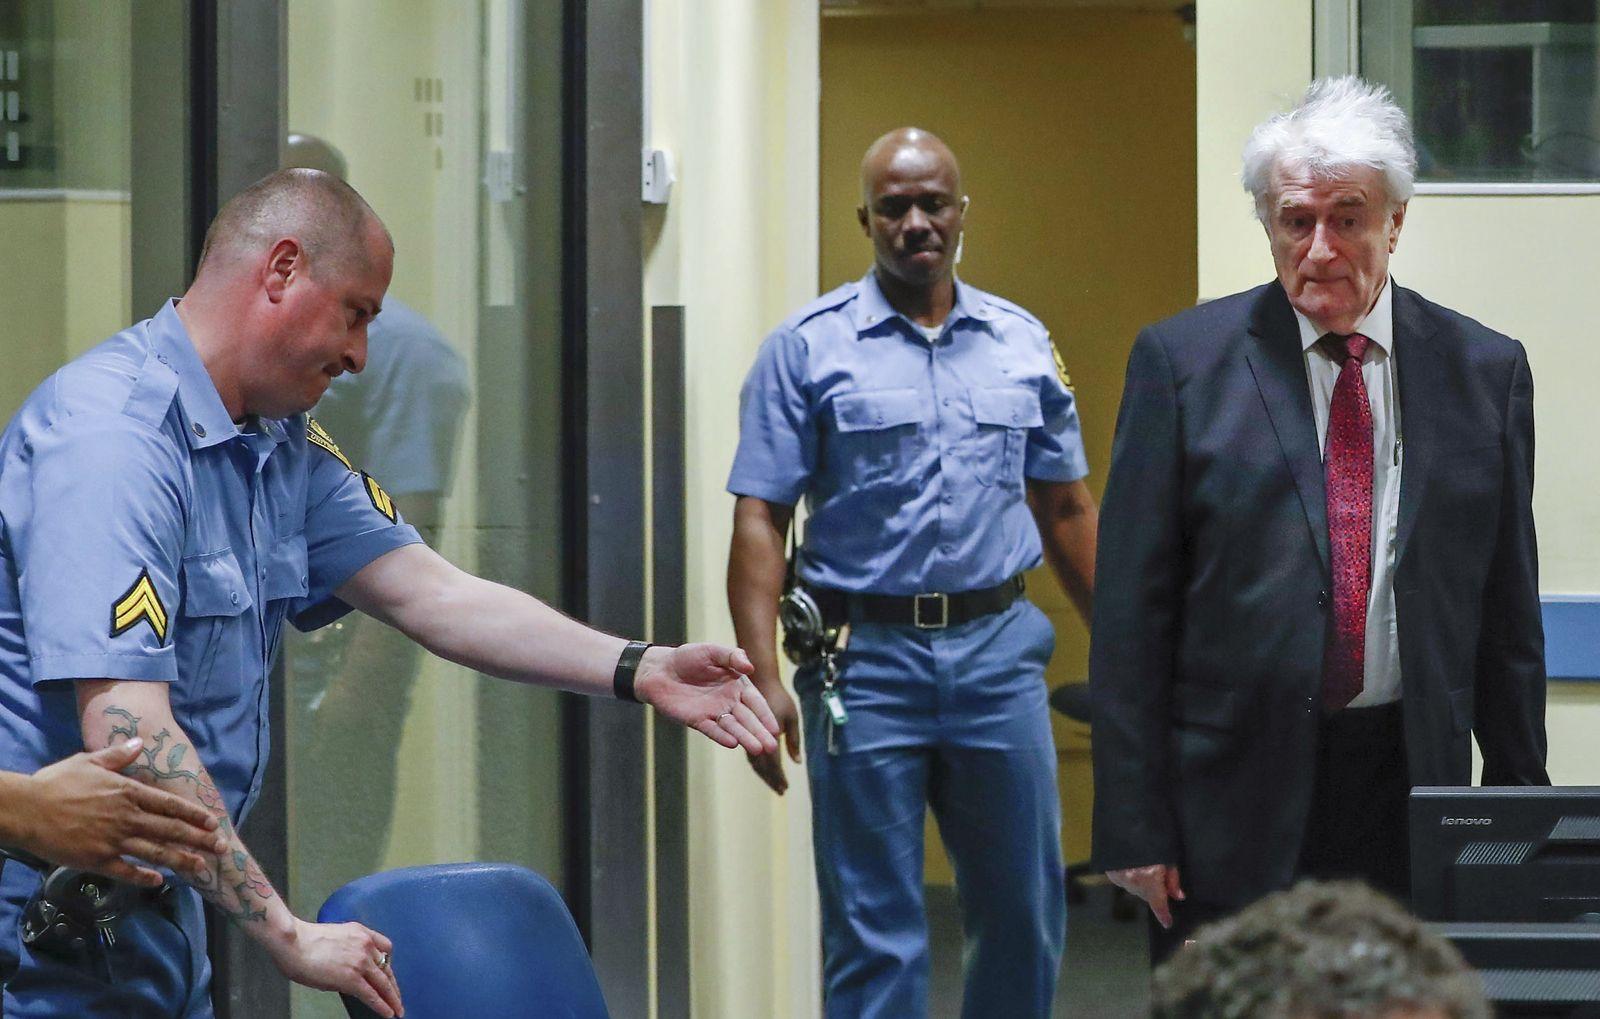 Berufungsprozess von Serbenführer Karadzic in Den Haag